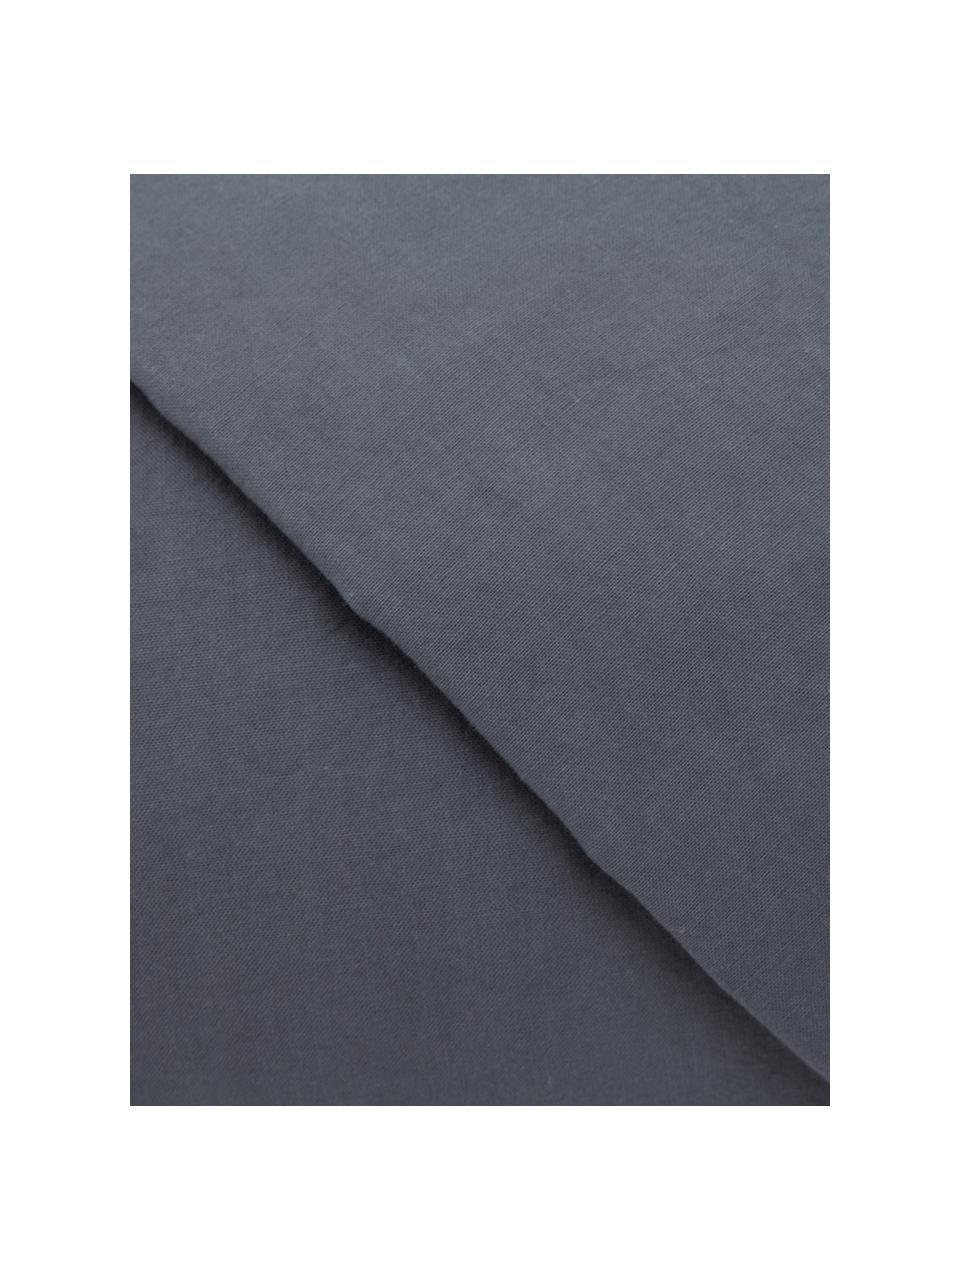 Parure copripiumino in cotone effetto stone washed Velle, Tessuto: cotone ranforce, Fronte e retro: grigio scuro, 155 x 200 cm + 1 federa 50 x 80 cm